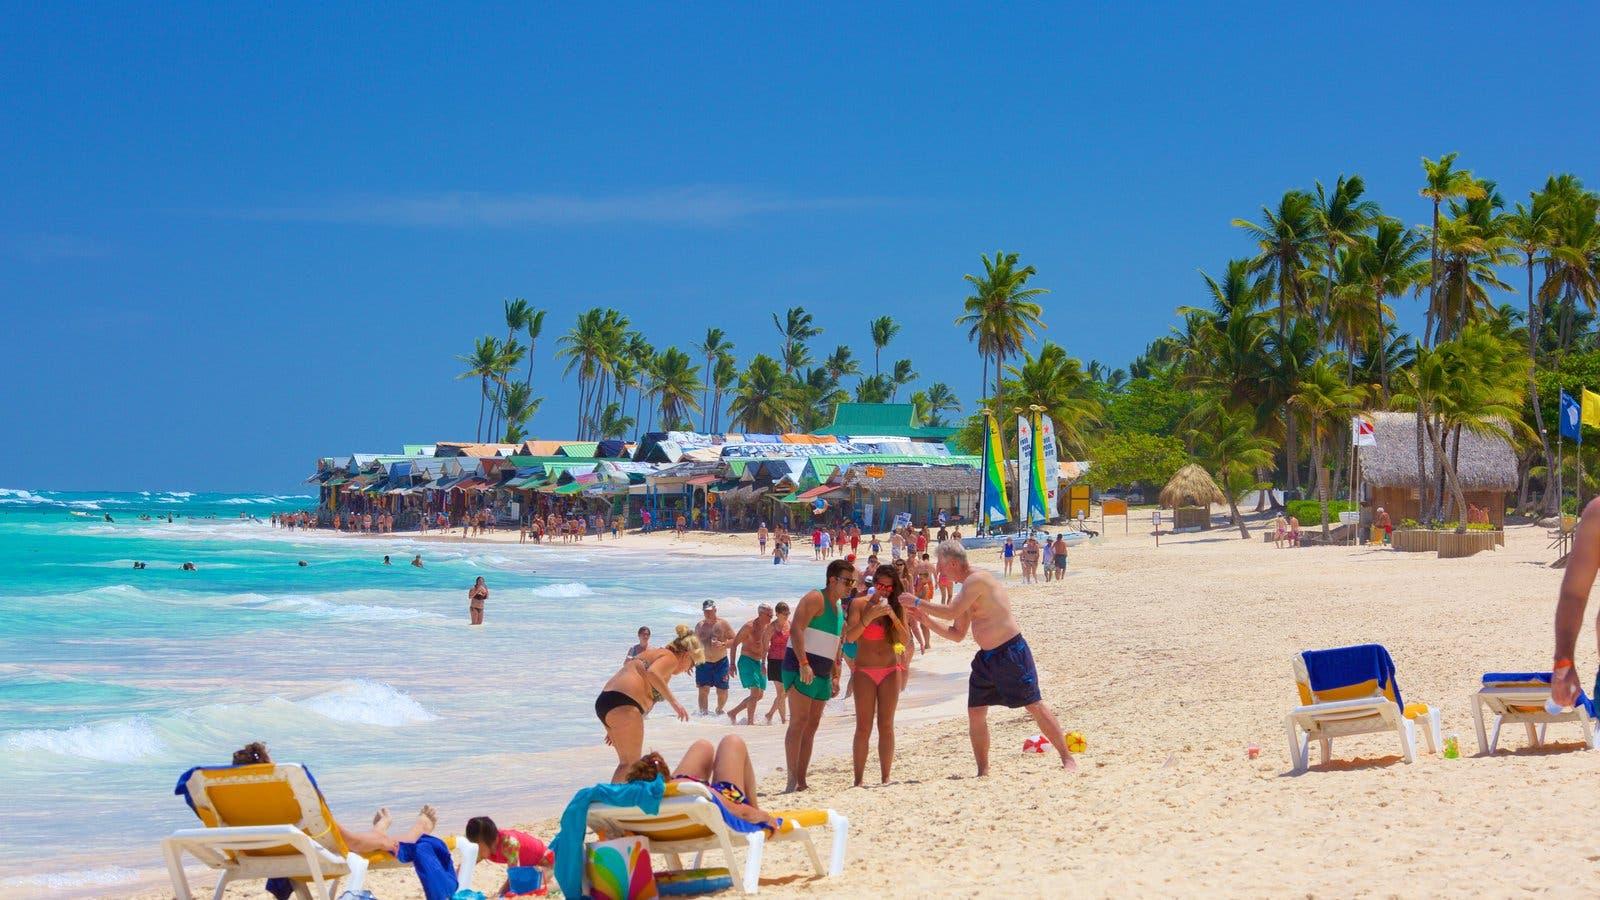 Fake News y Posverdad: Impacto de la campaña negativa contra el Turismo de República Dominicana y  aprendizajes posibles (Parte 2)